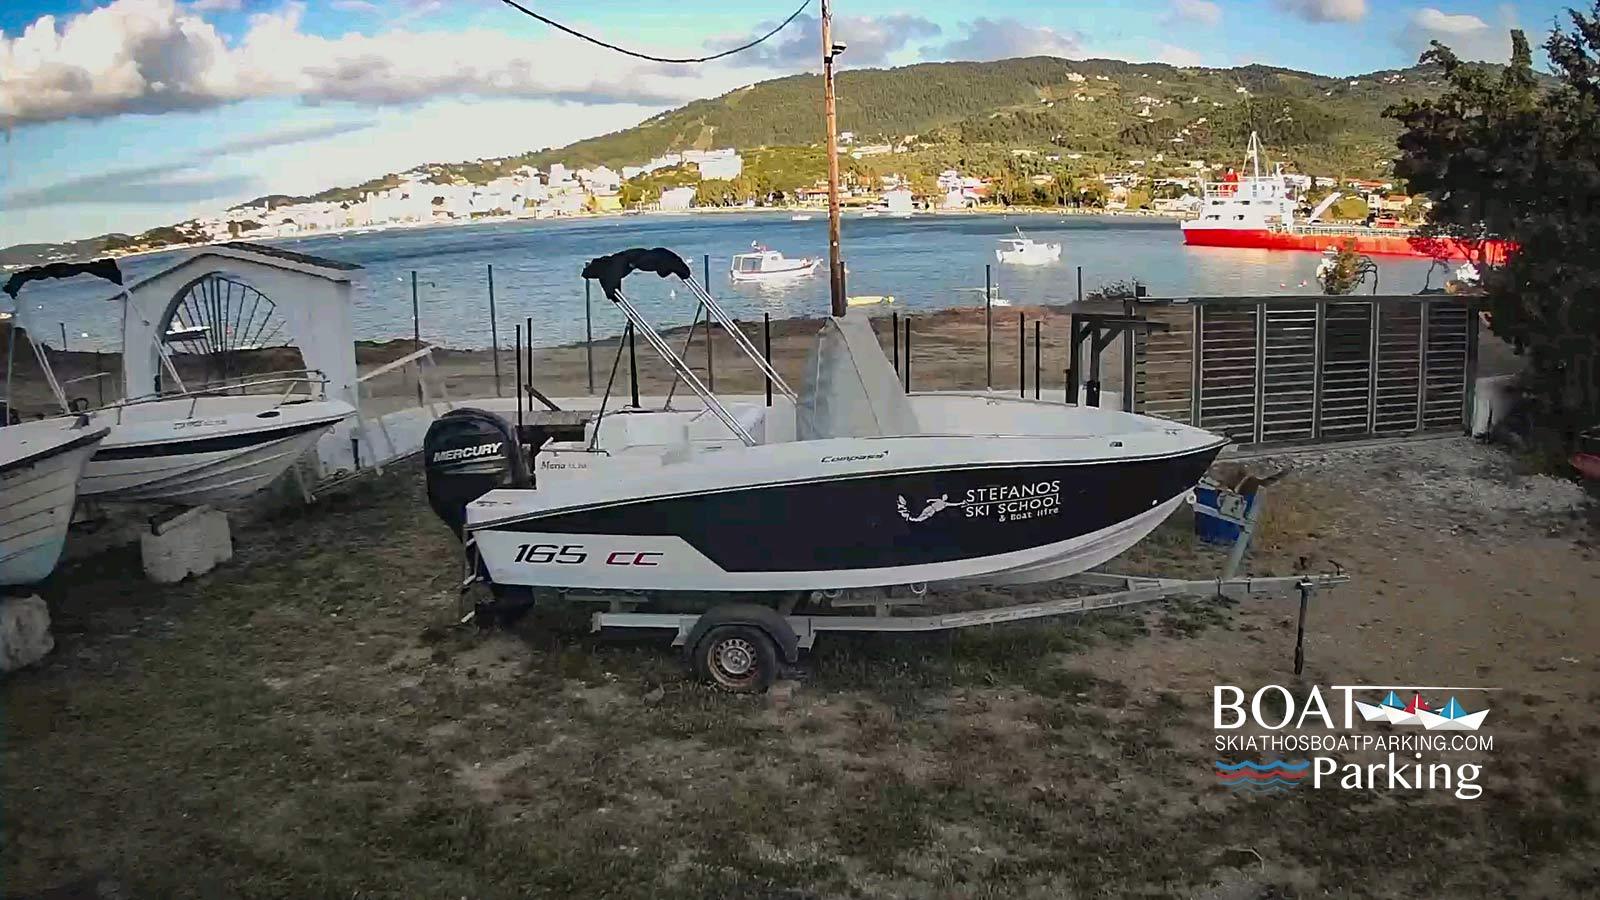 Skiathos Boat Parking & Rental Services